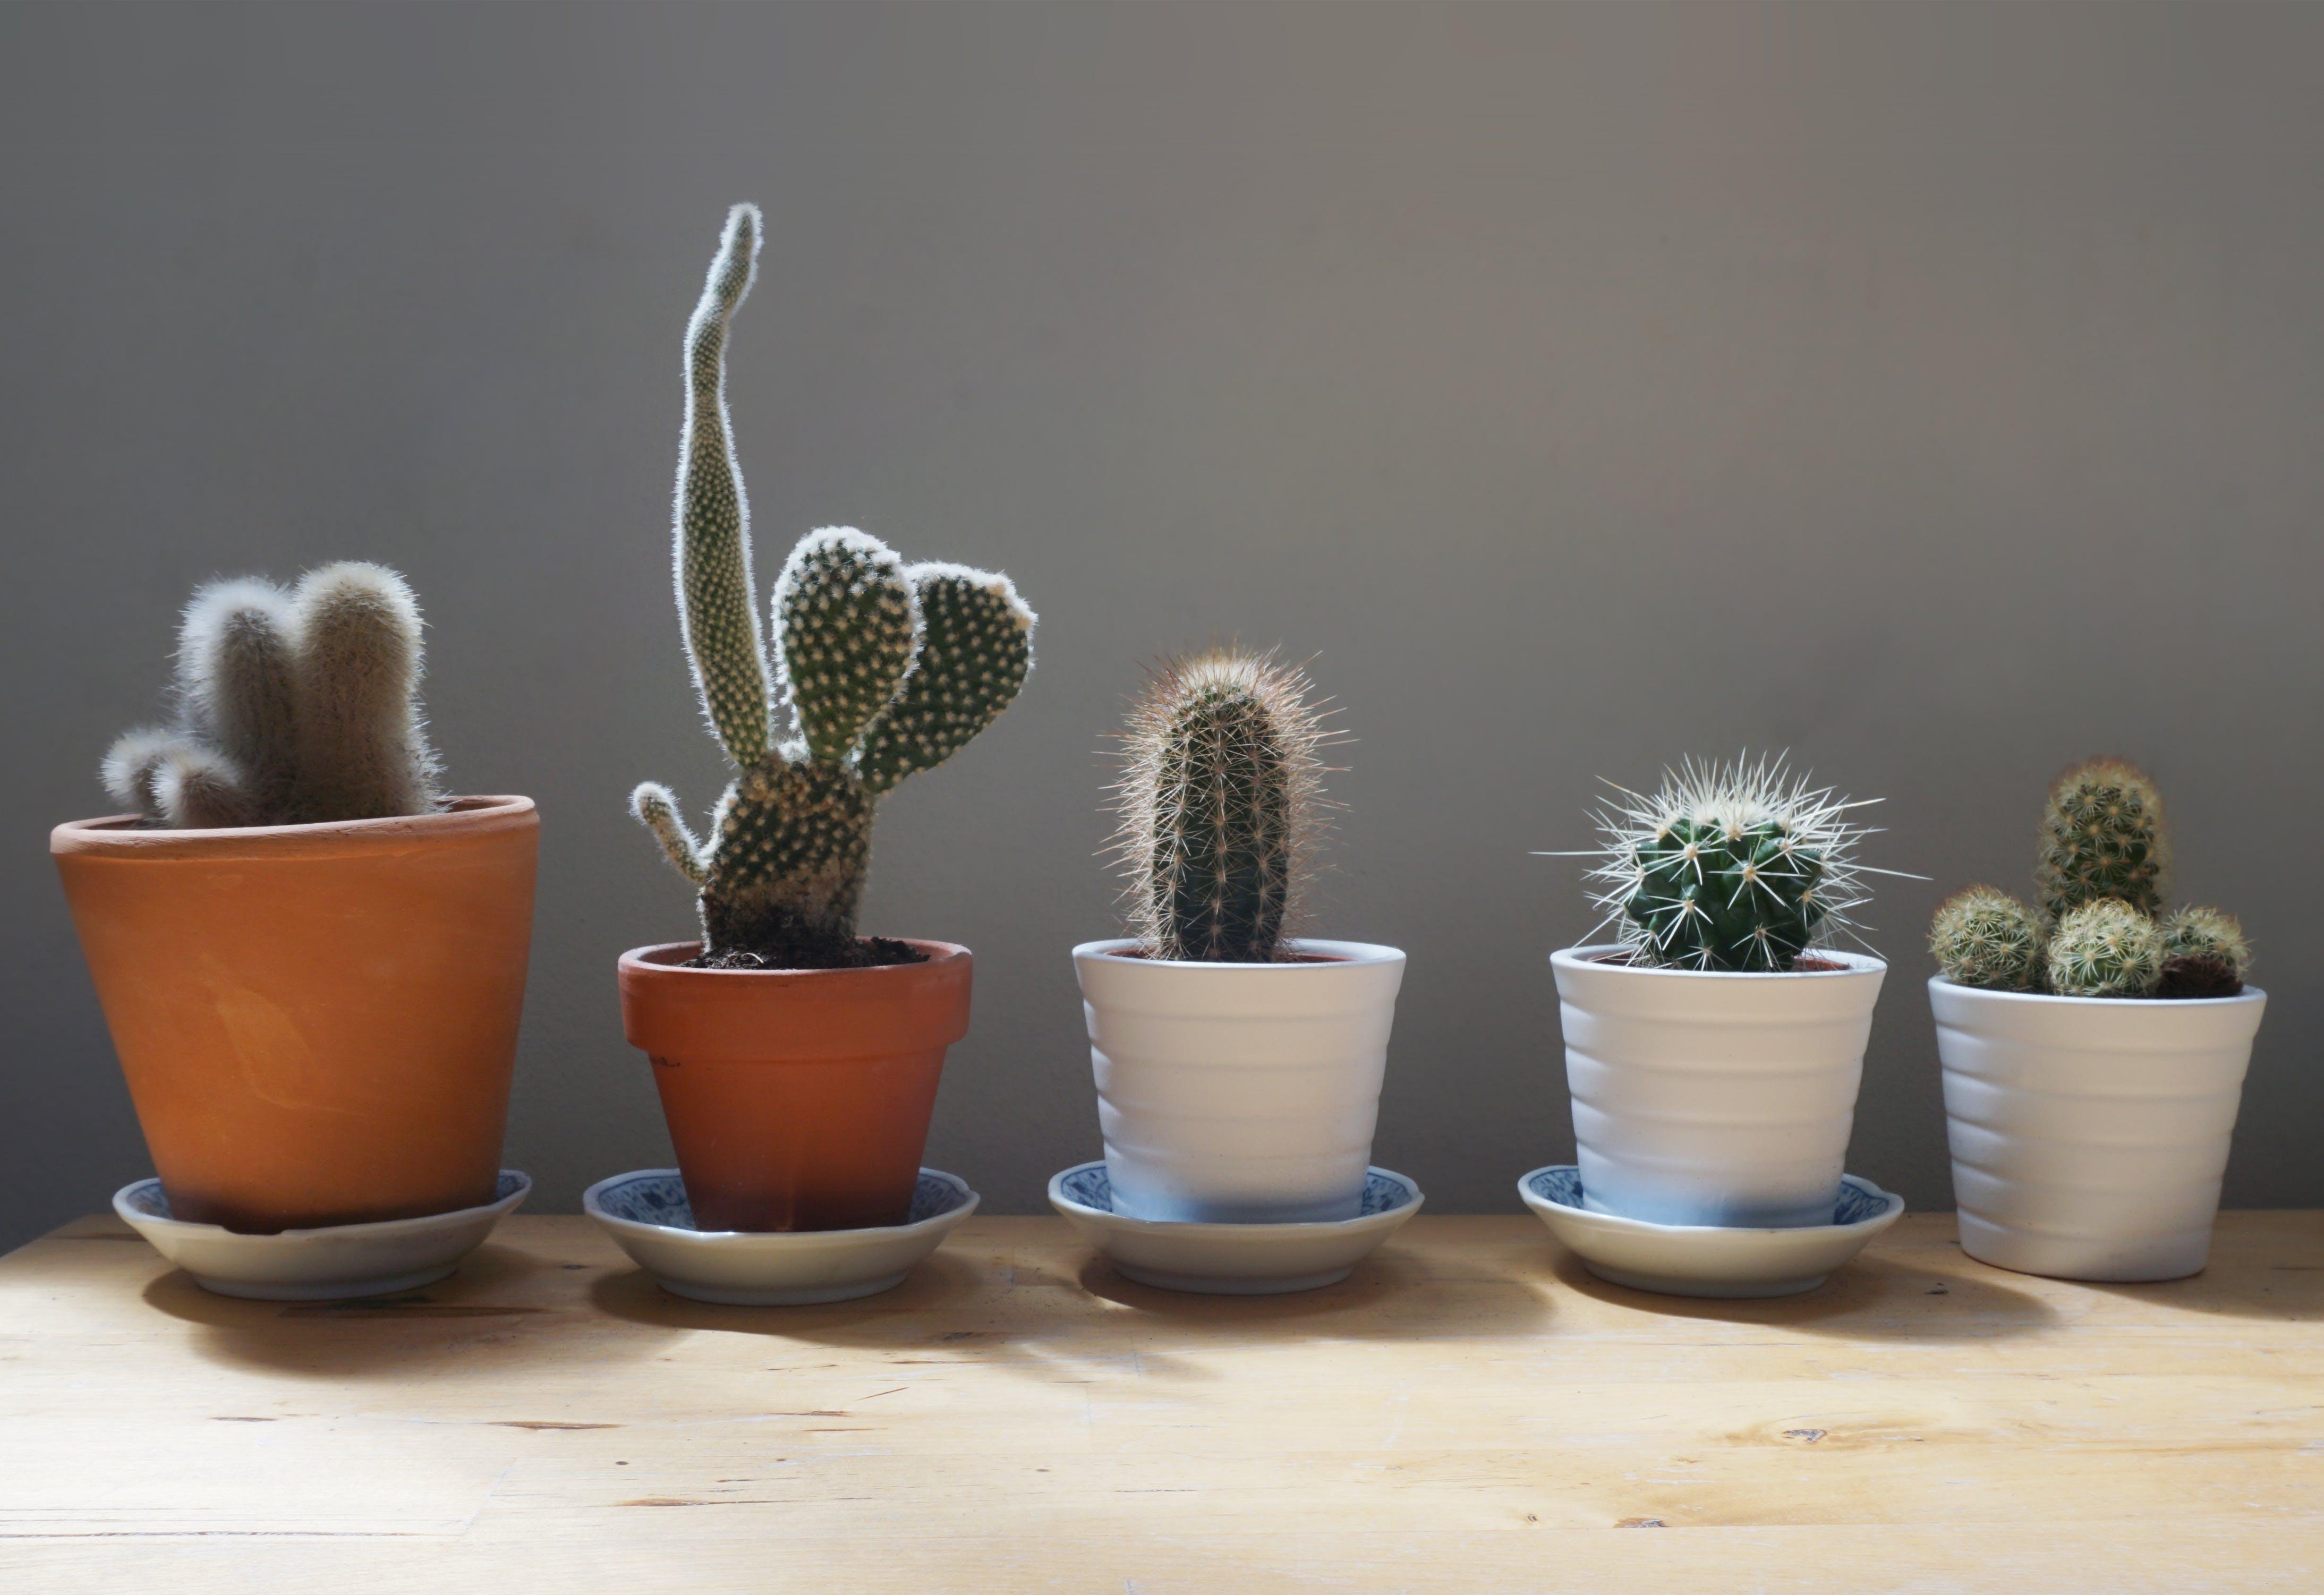 blur, cactus, close-up